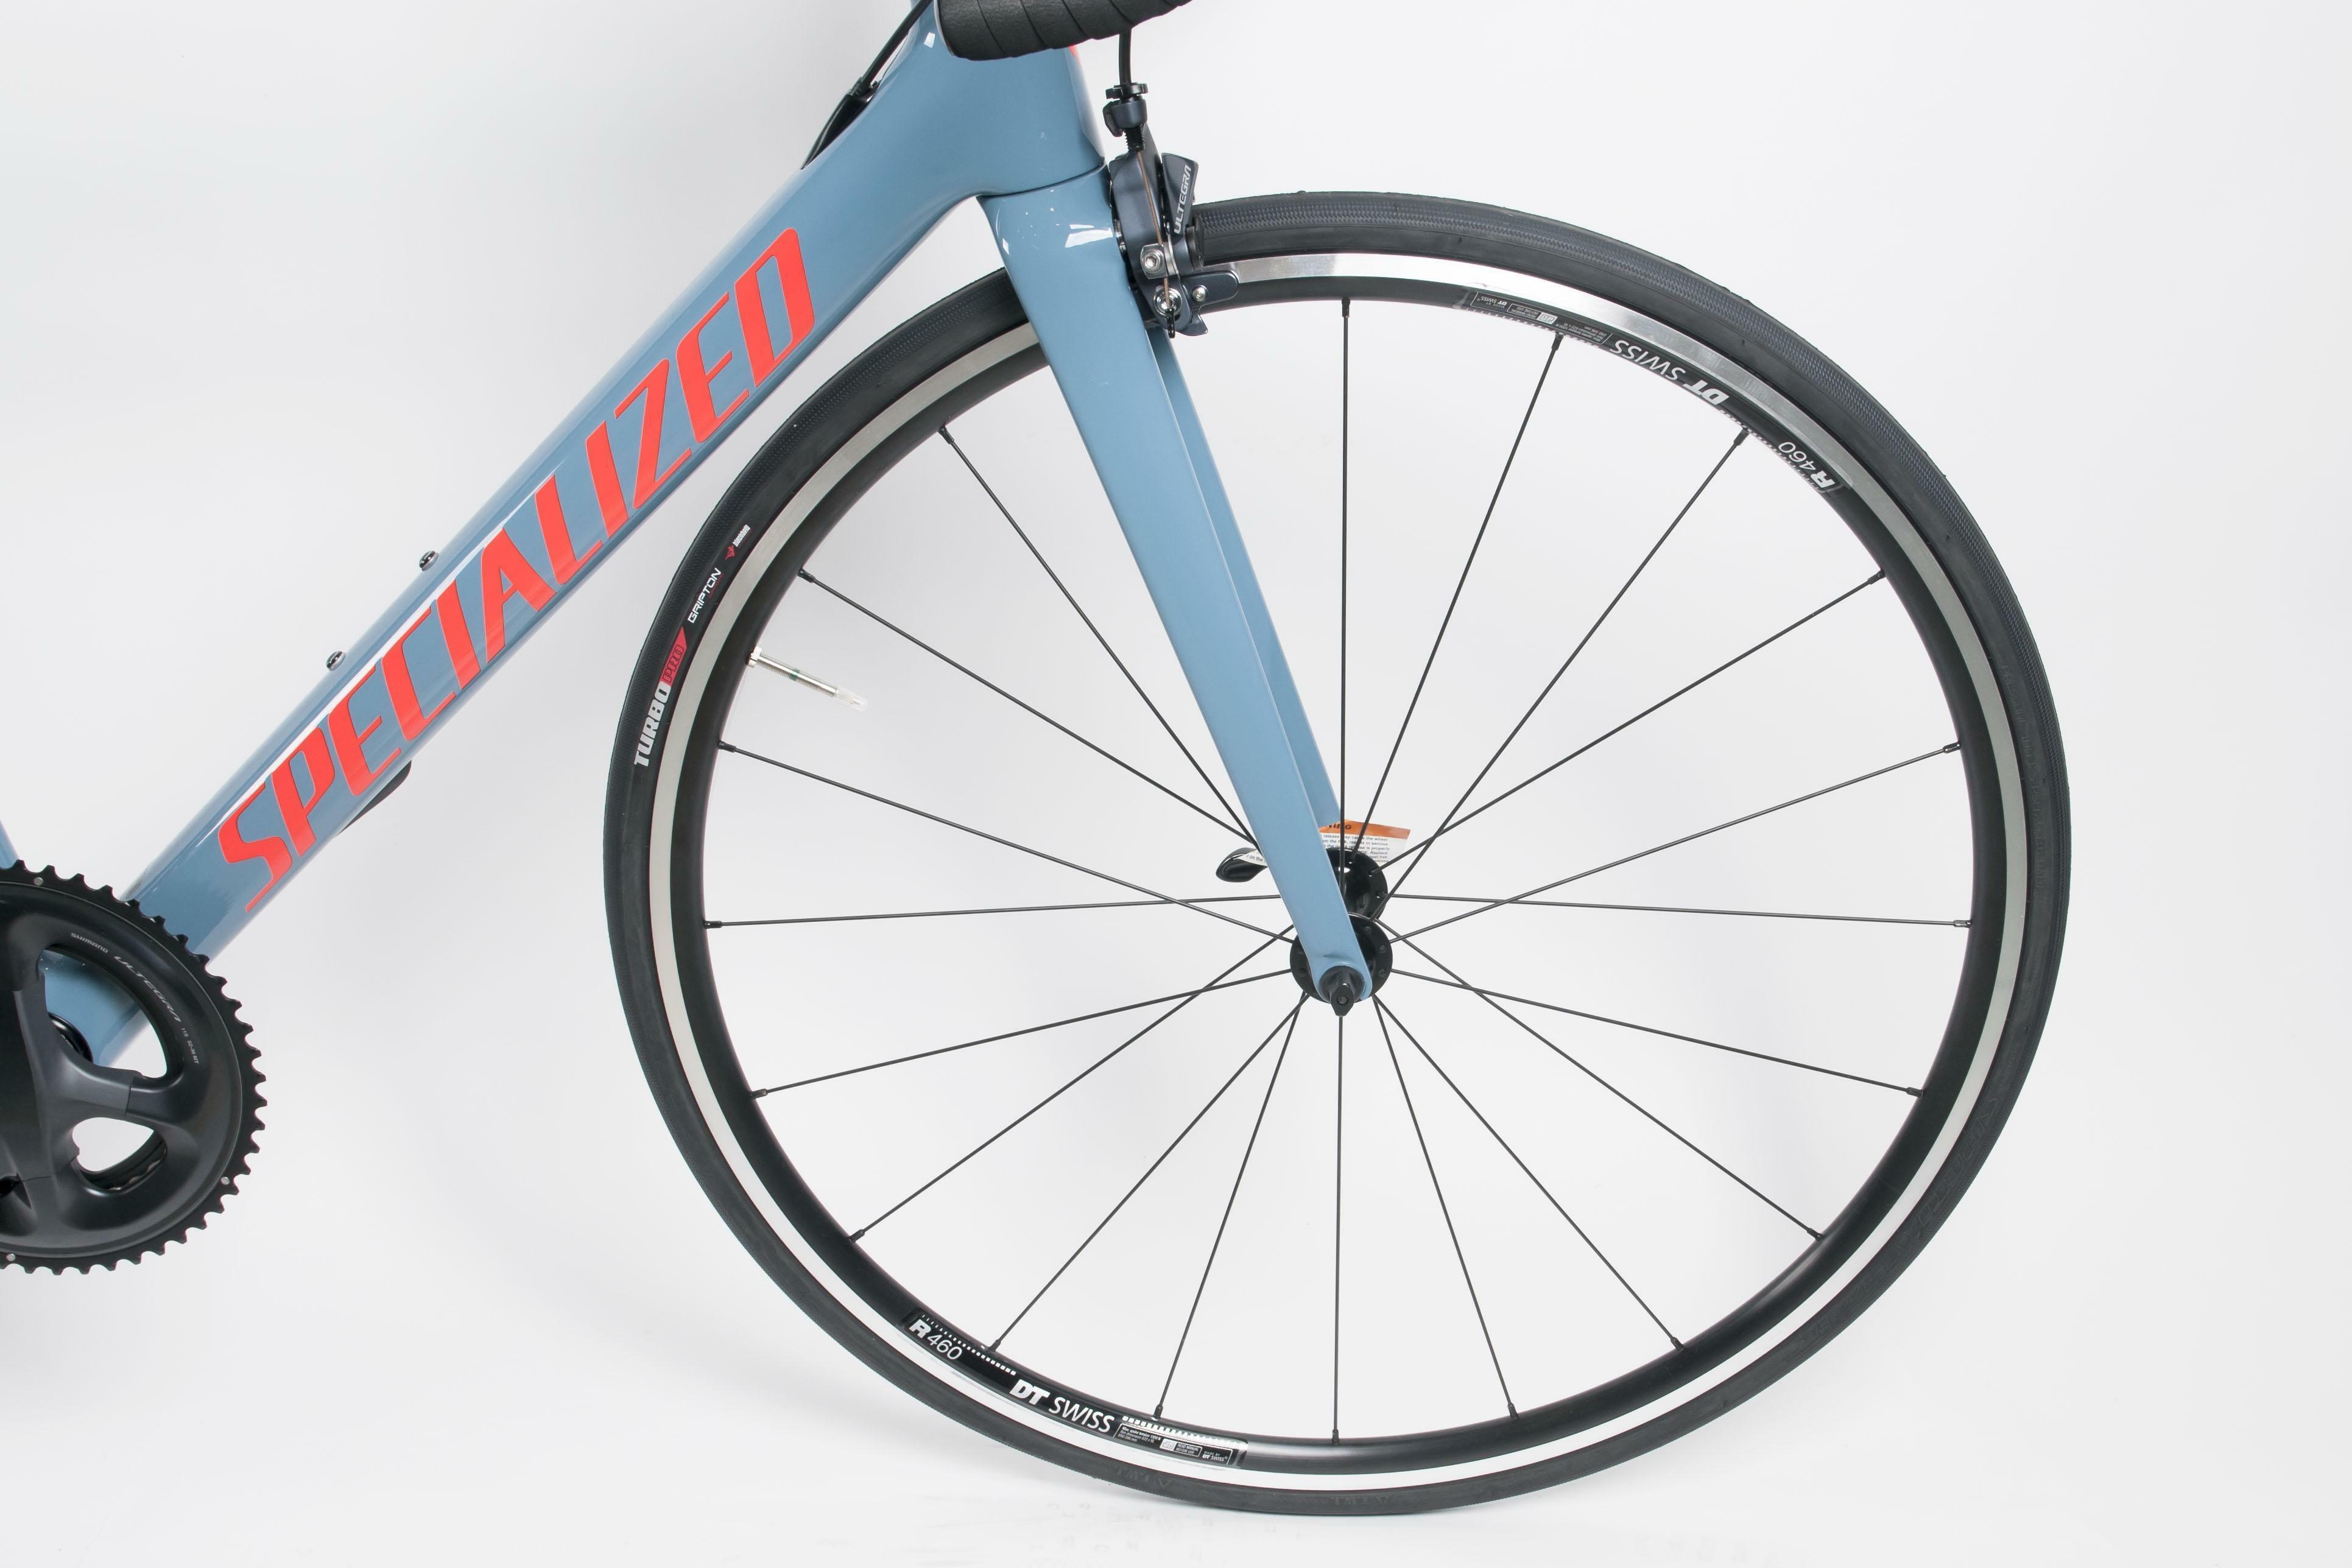 specialized specialized bici strada tarmac sl6 comp